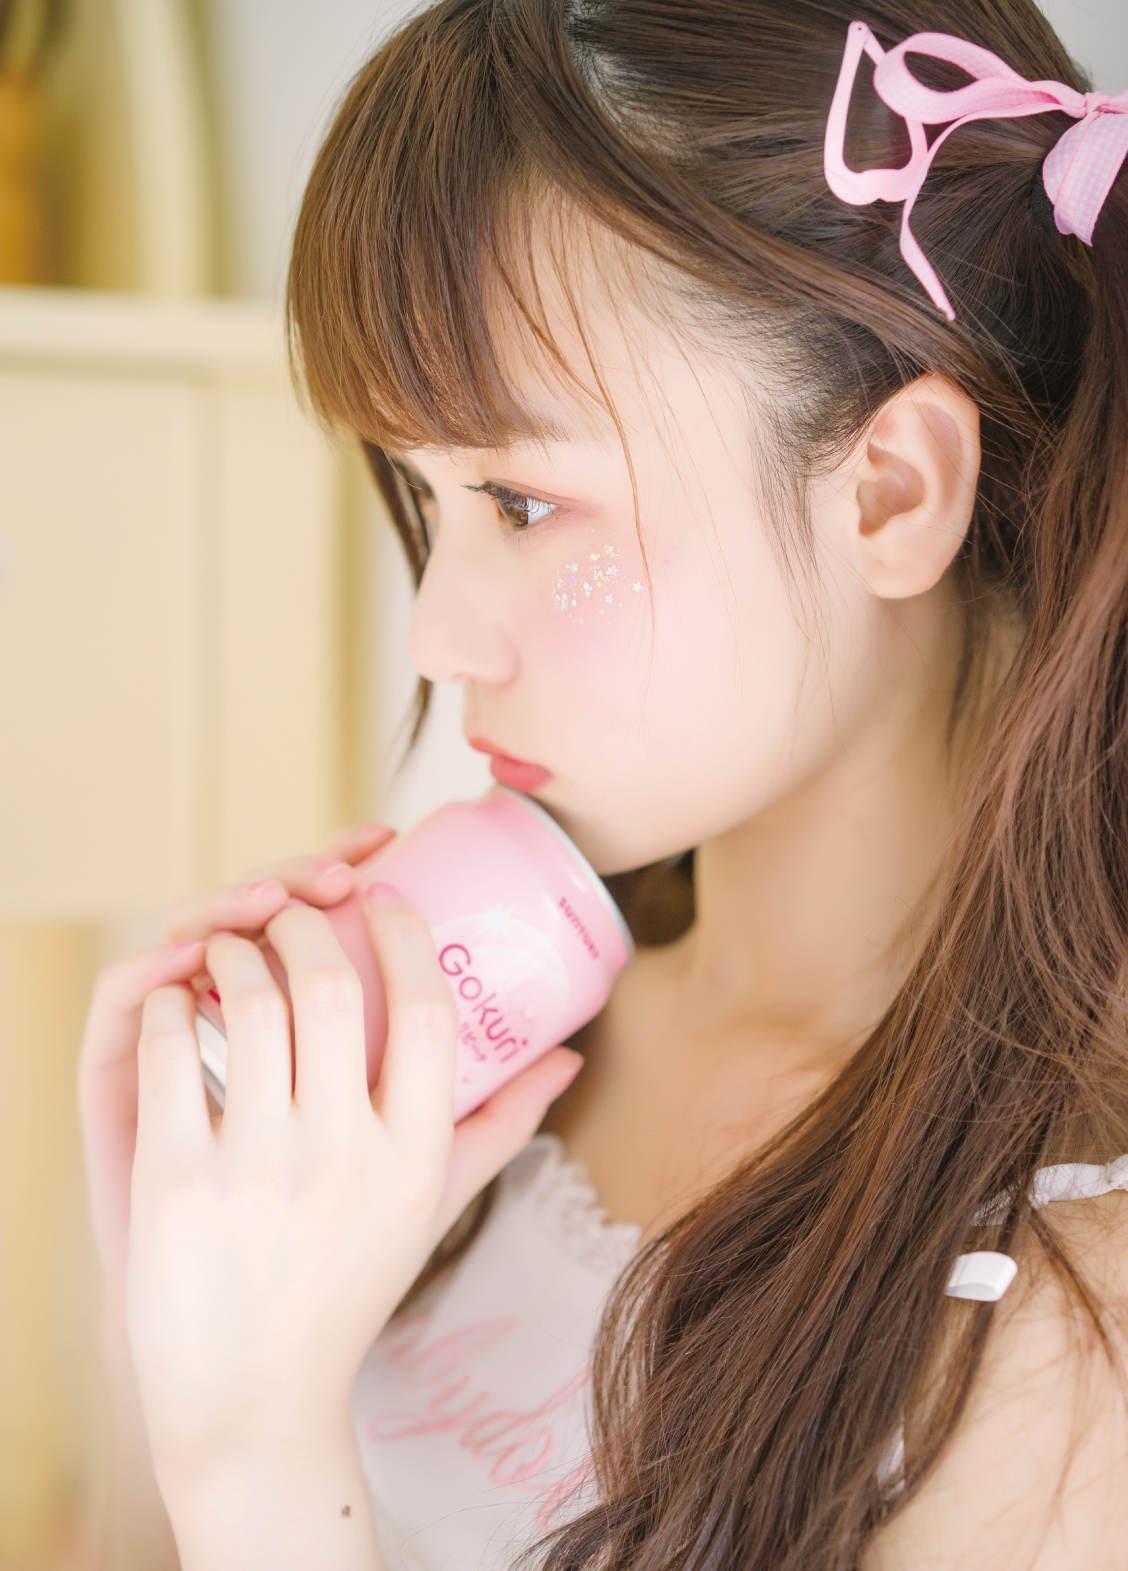 工口萝莉鼻祖@赛高酱 全网最60套超清合集【3587P  2.82G】